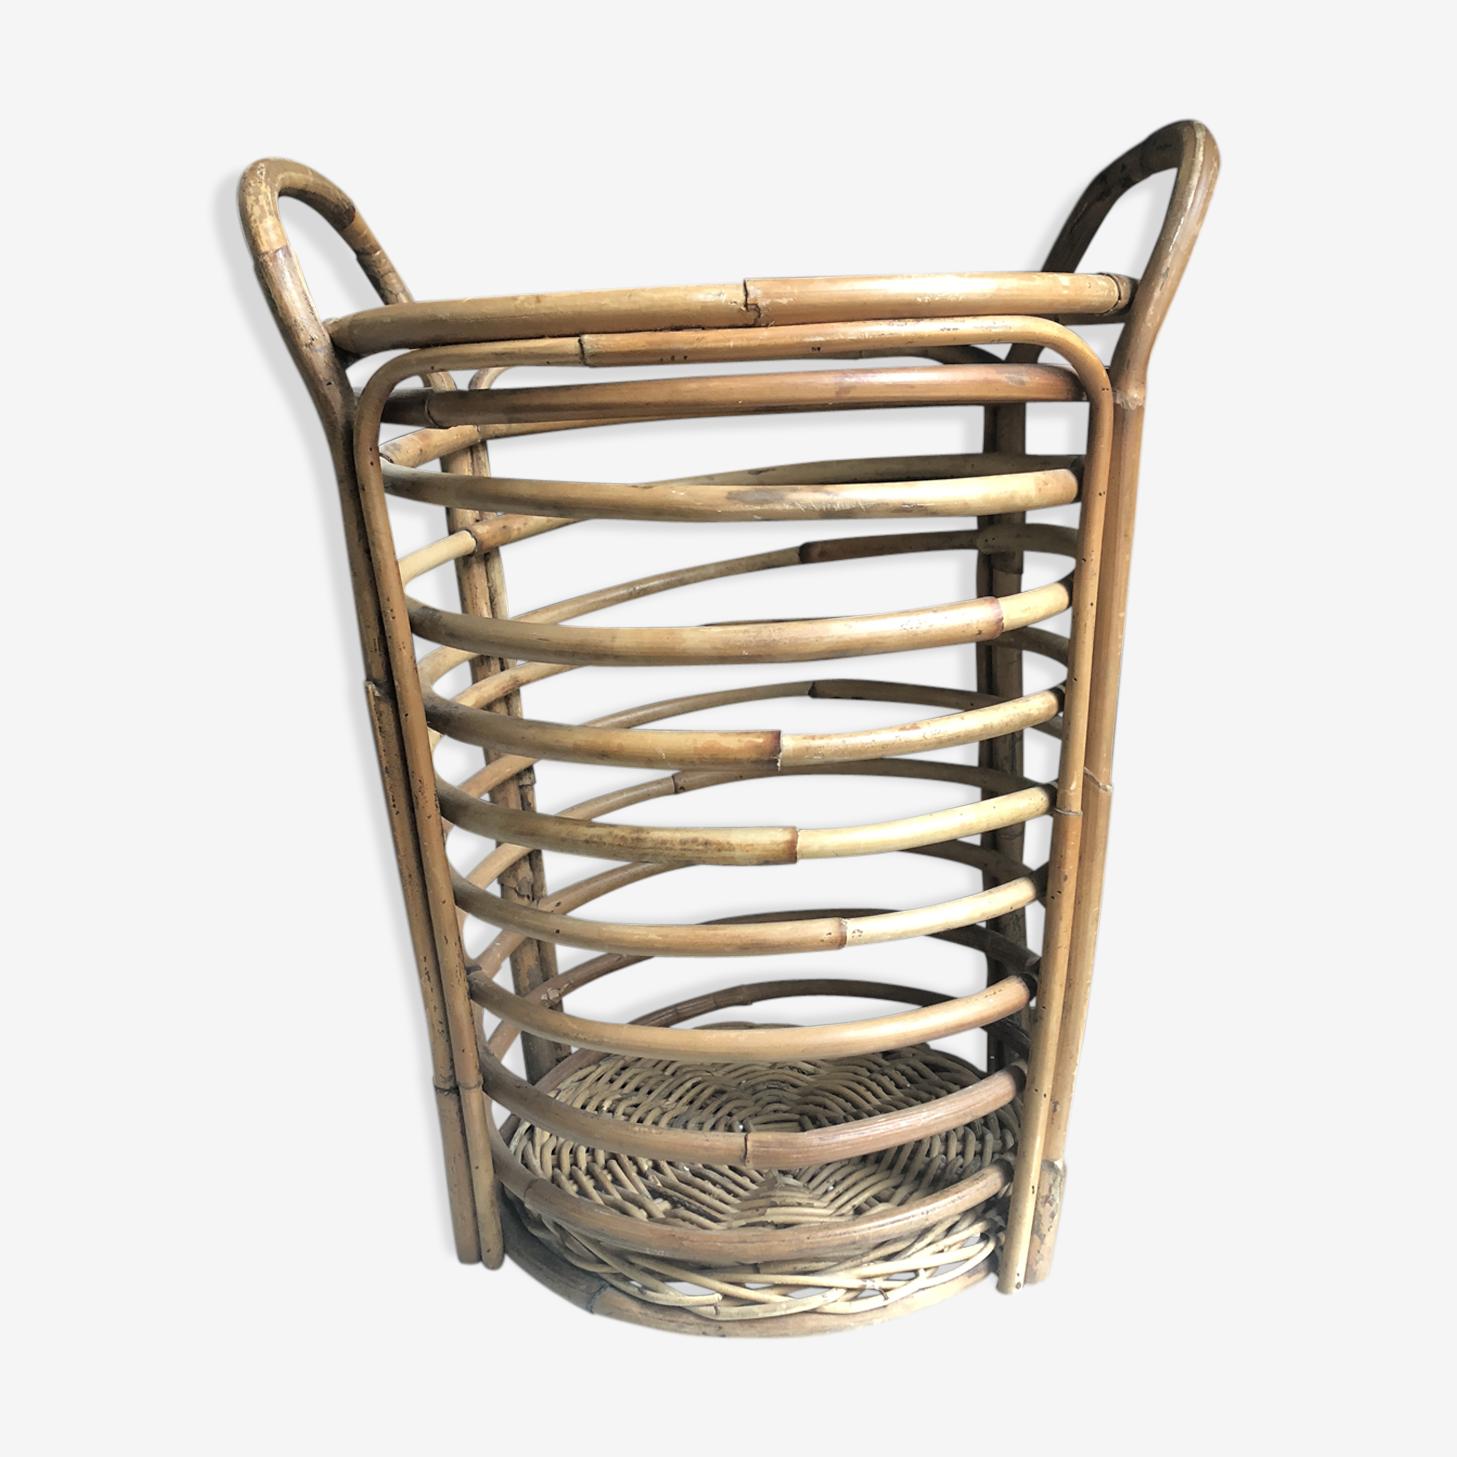 Former basket